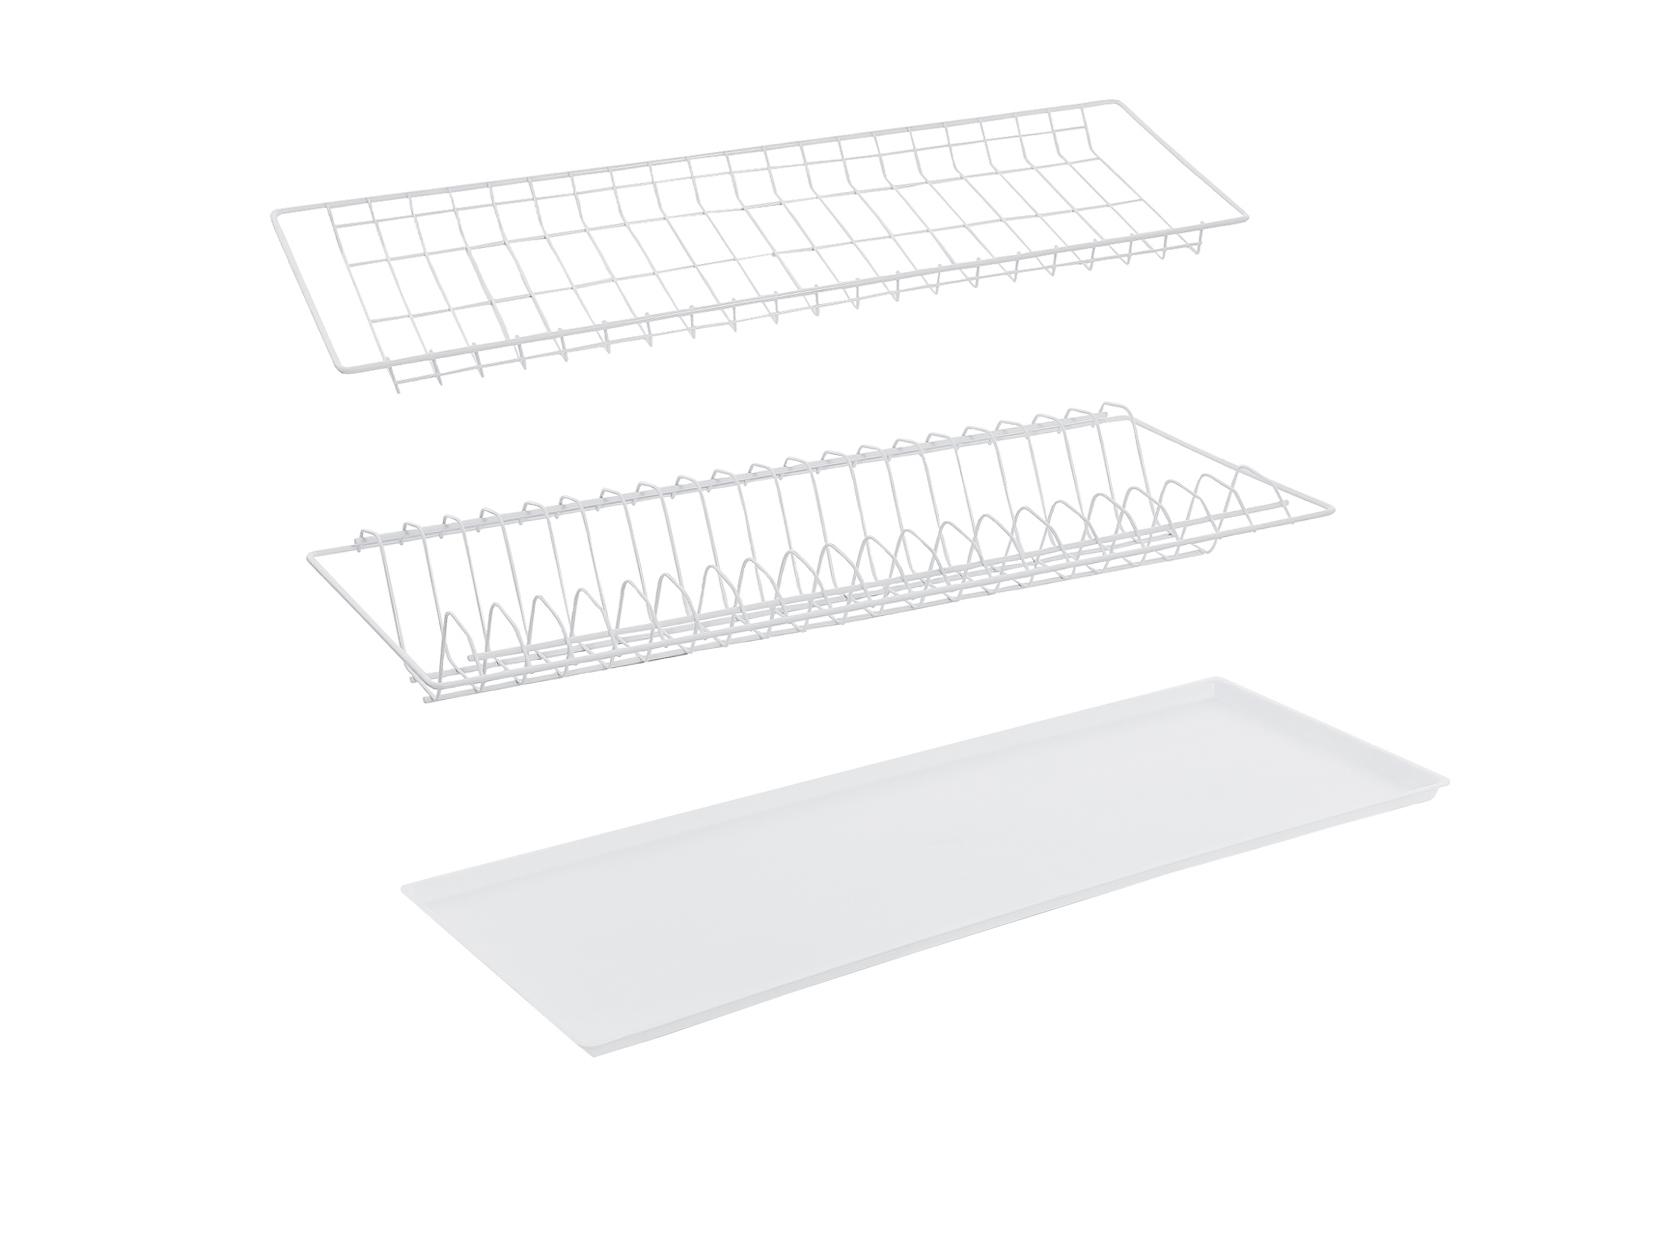 Сушилка для посуды Сокол Сушилка (с поддоном) 565 мм белая сушилка для посуды мультидом с поддоном